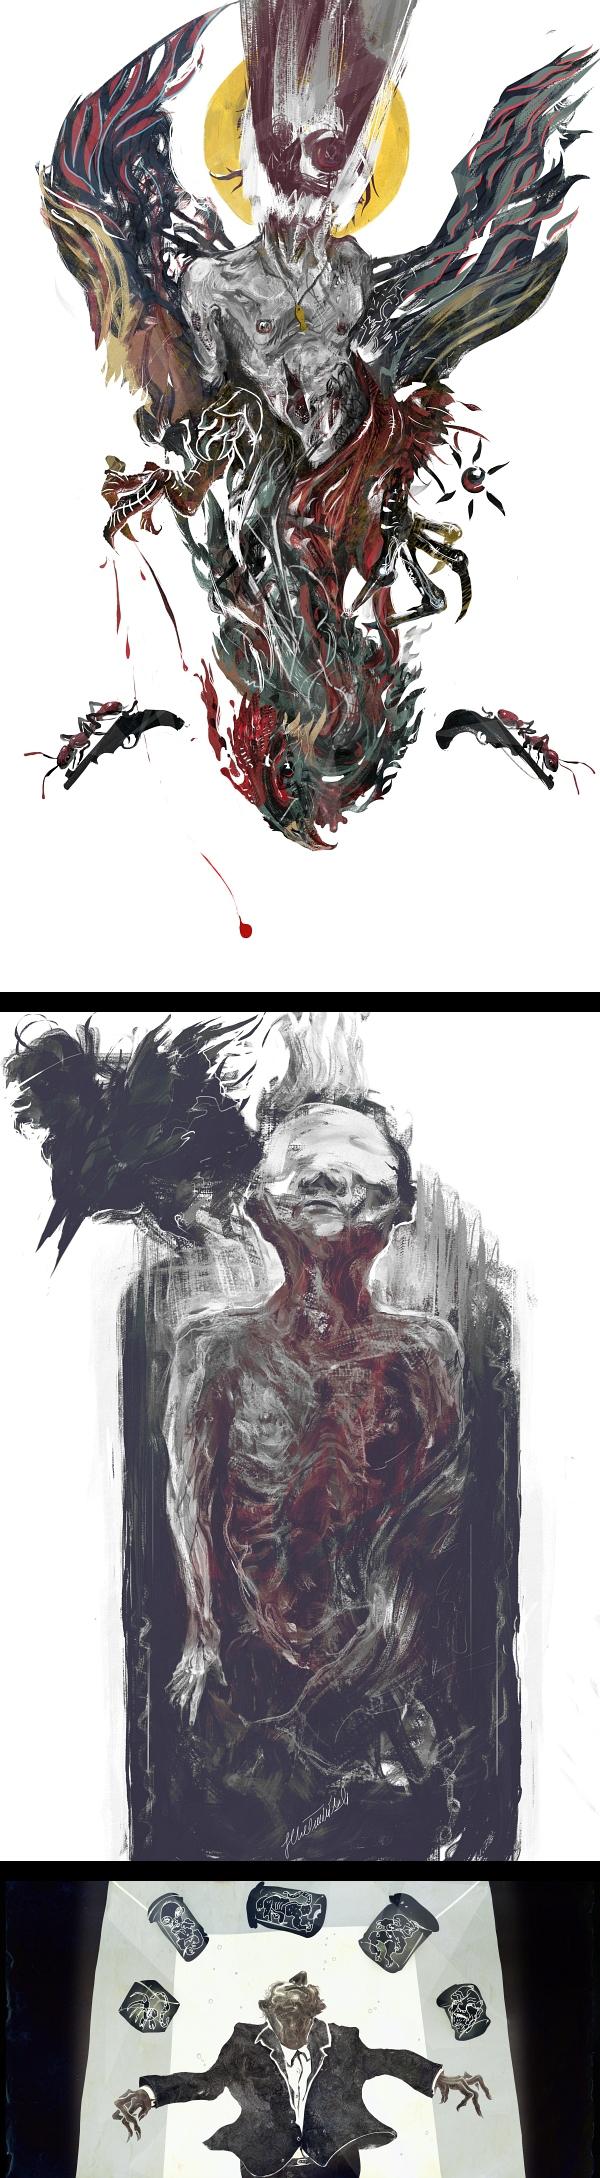 inspirations graphiques #13 Jędrzej Chełmiński | Illu set I